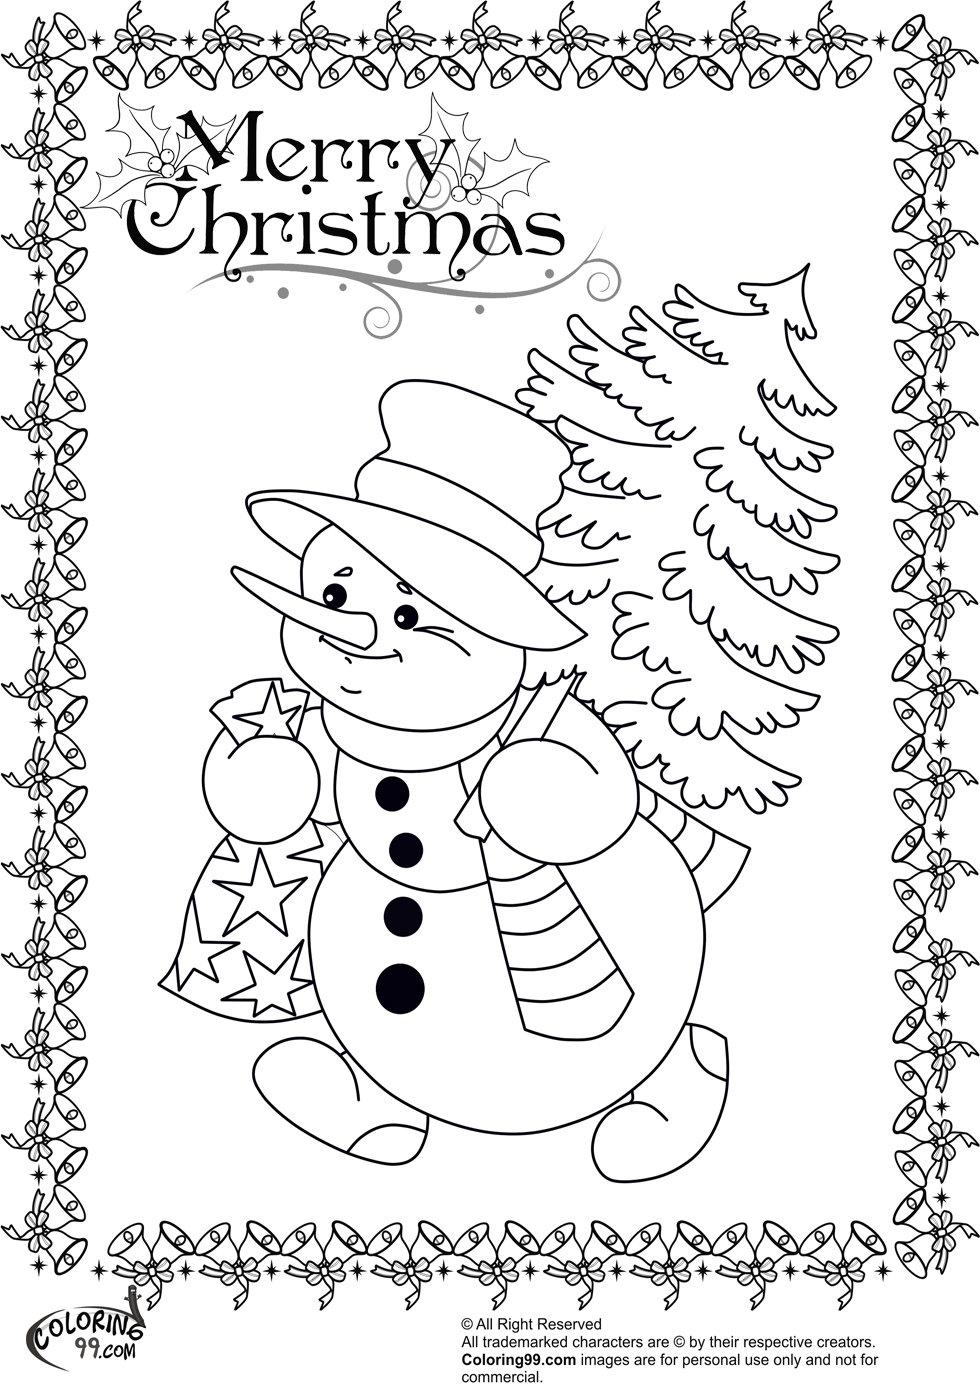 Новогодняя открытка своими руками рисунок карандашом, анимация двери красивые